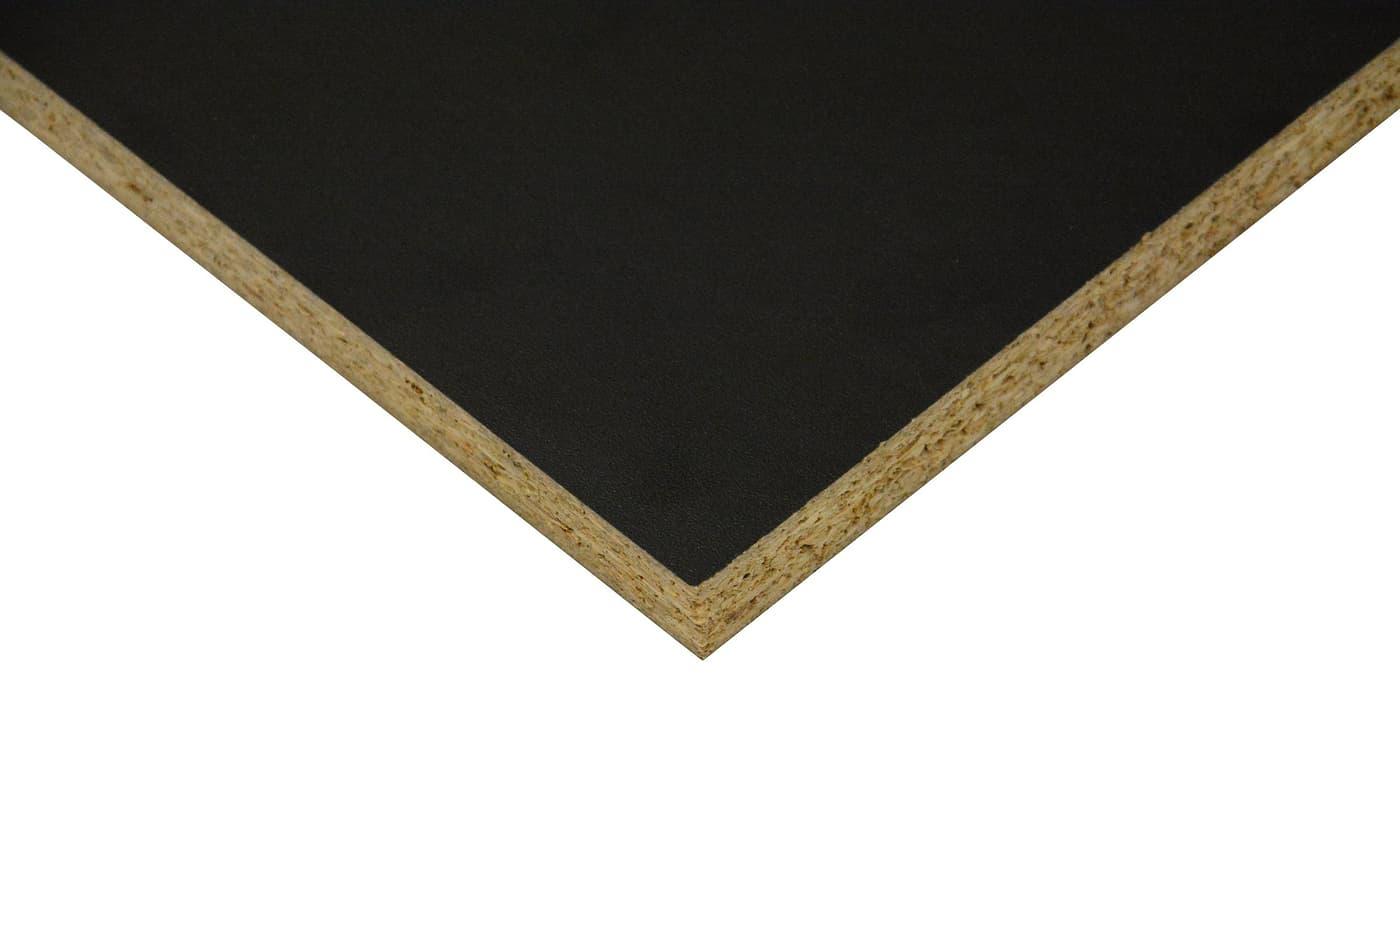 Obi Holzzuschnitt Preisliste : swisskrono panneau agglom r noir u190pe migros ~ Watch28wear.com Haus und Dekorationen